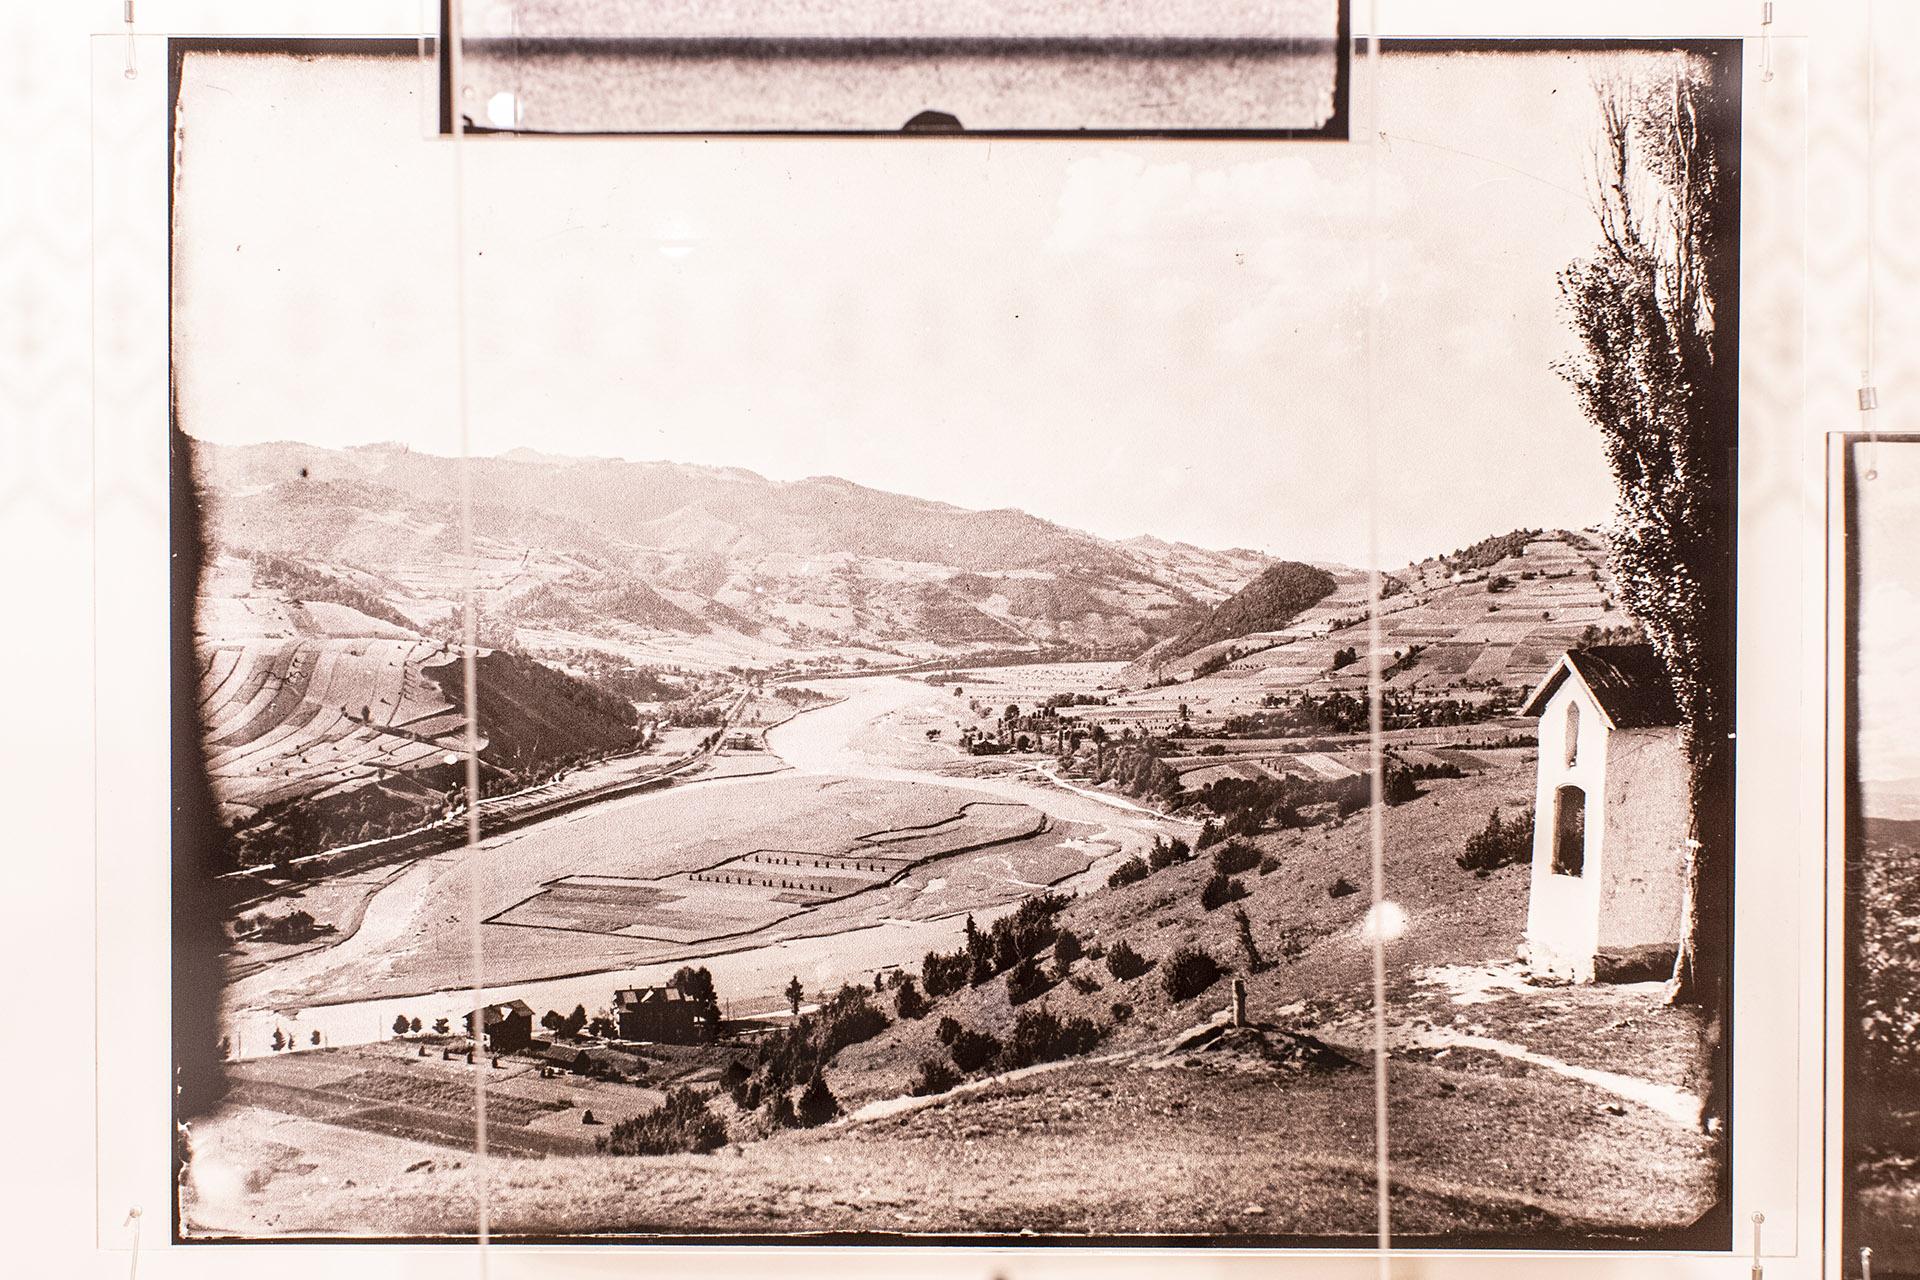 Zdjęcie umieszczone jako nakljenka na szklanej tafli. Prezentuje pejzaż okoli Nowego Sącza. Góry, widoczna dolinka, drzeaw i mała kapliczka z prawej strony w kadrze.